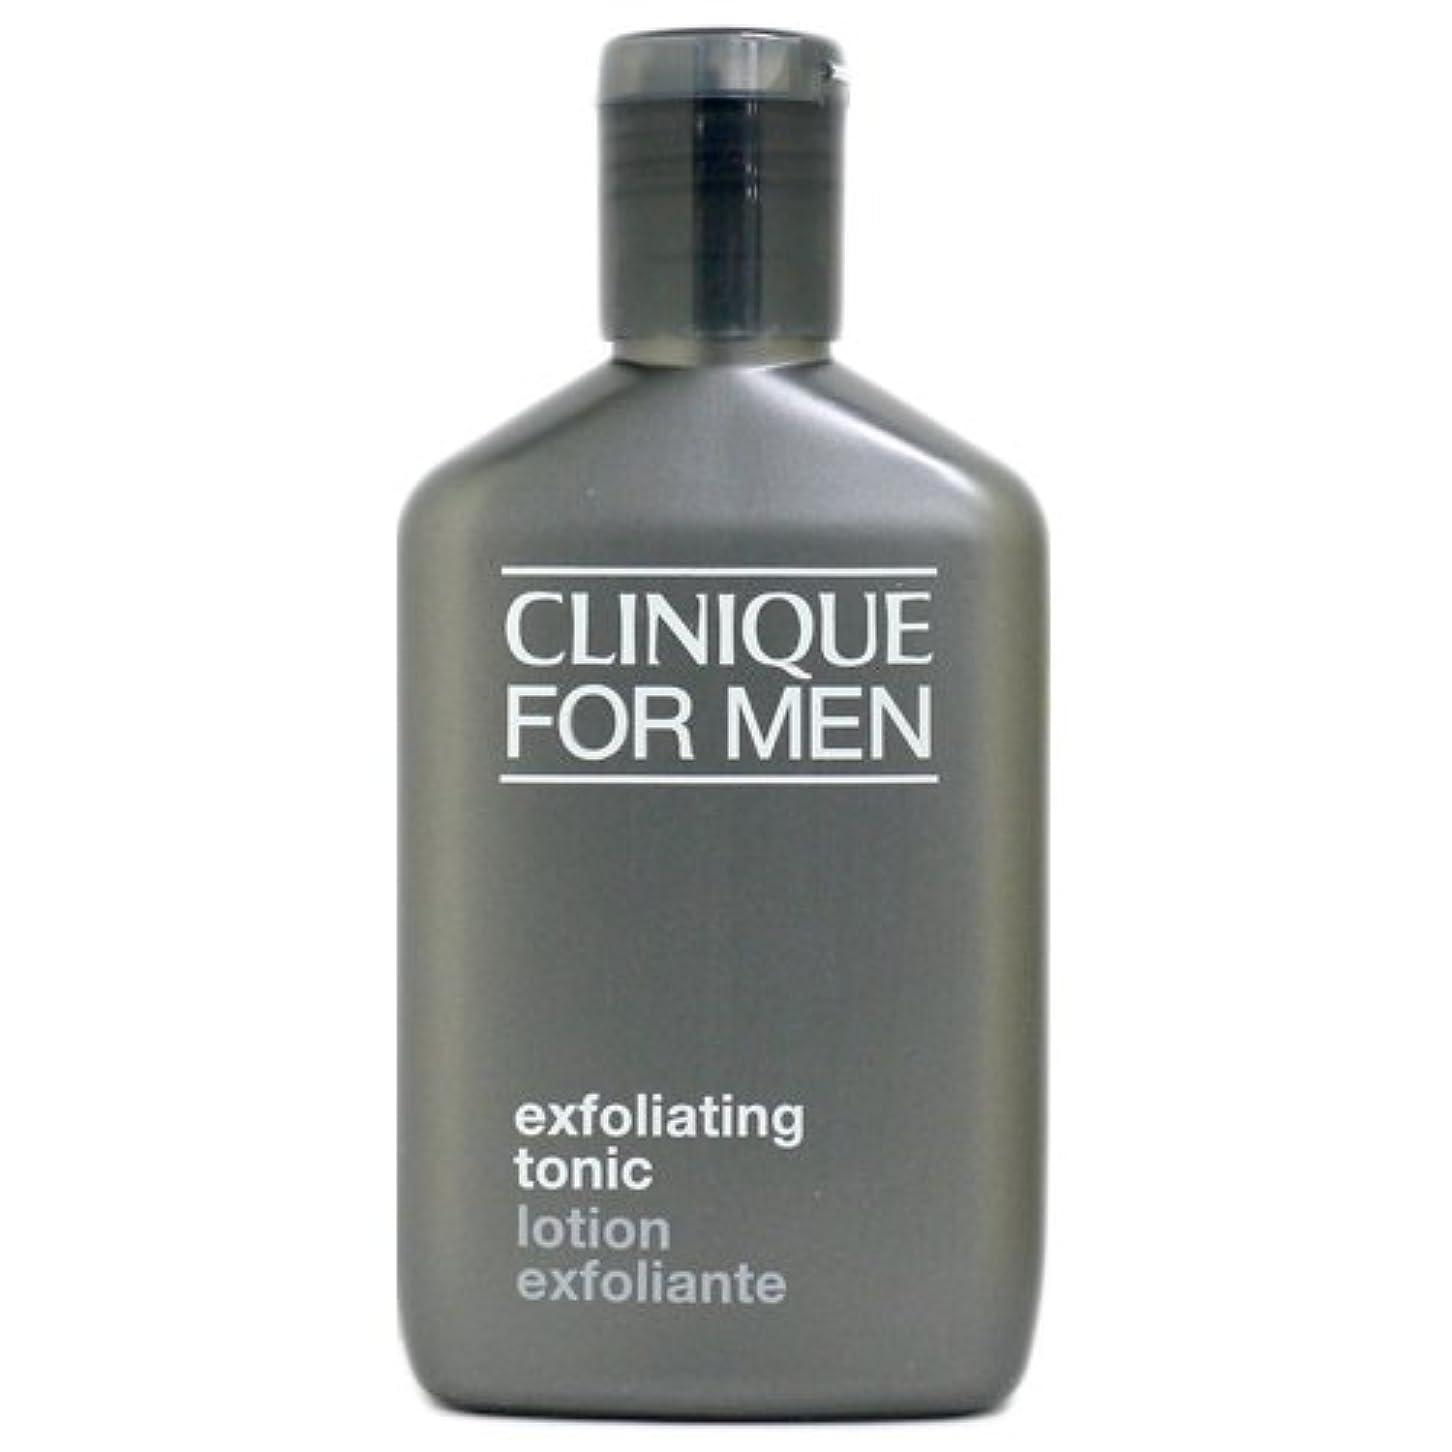 進化先例野ウサギクリニークフォーメン(CLINIQUE FOR MEN) エクスフォリエーティング トニック 200ml[並行輸入品]